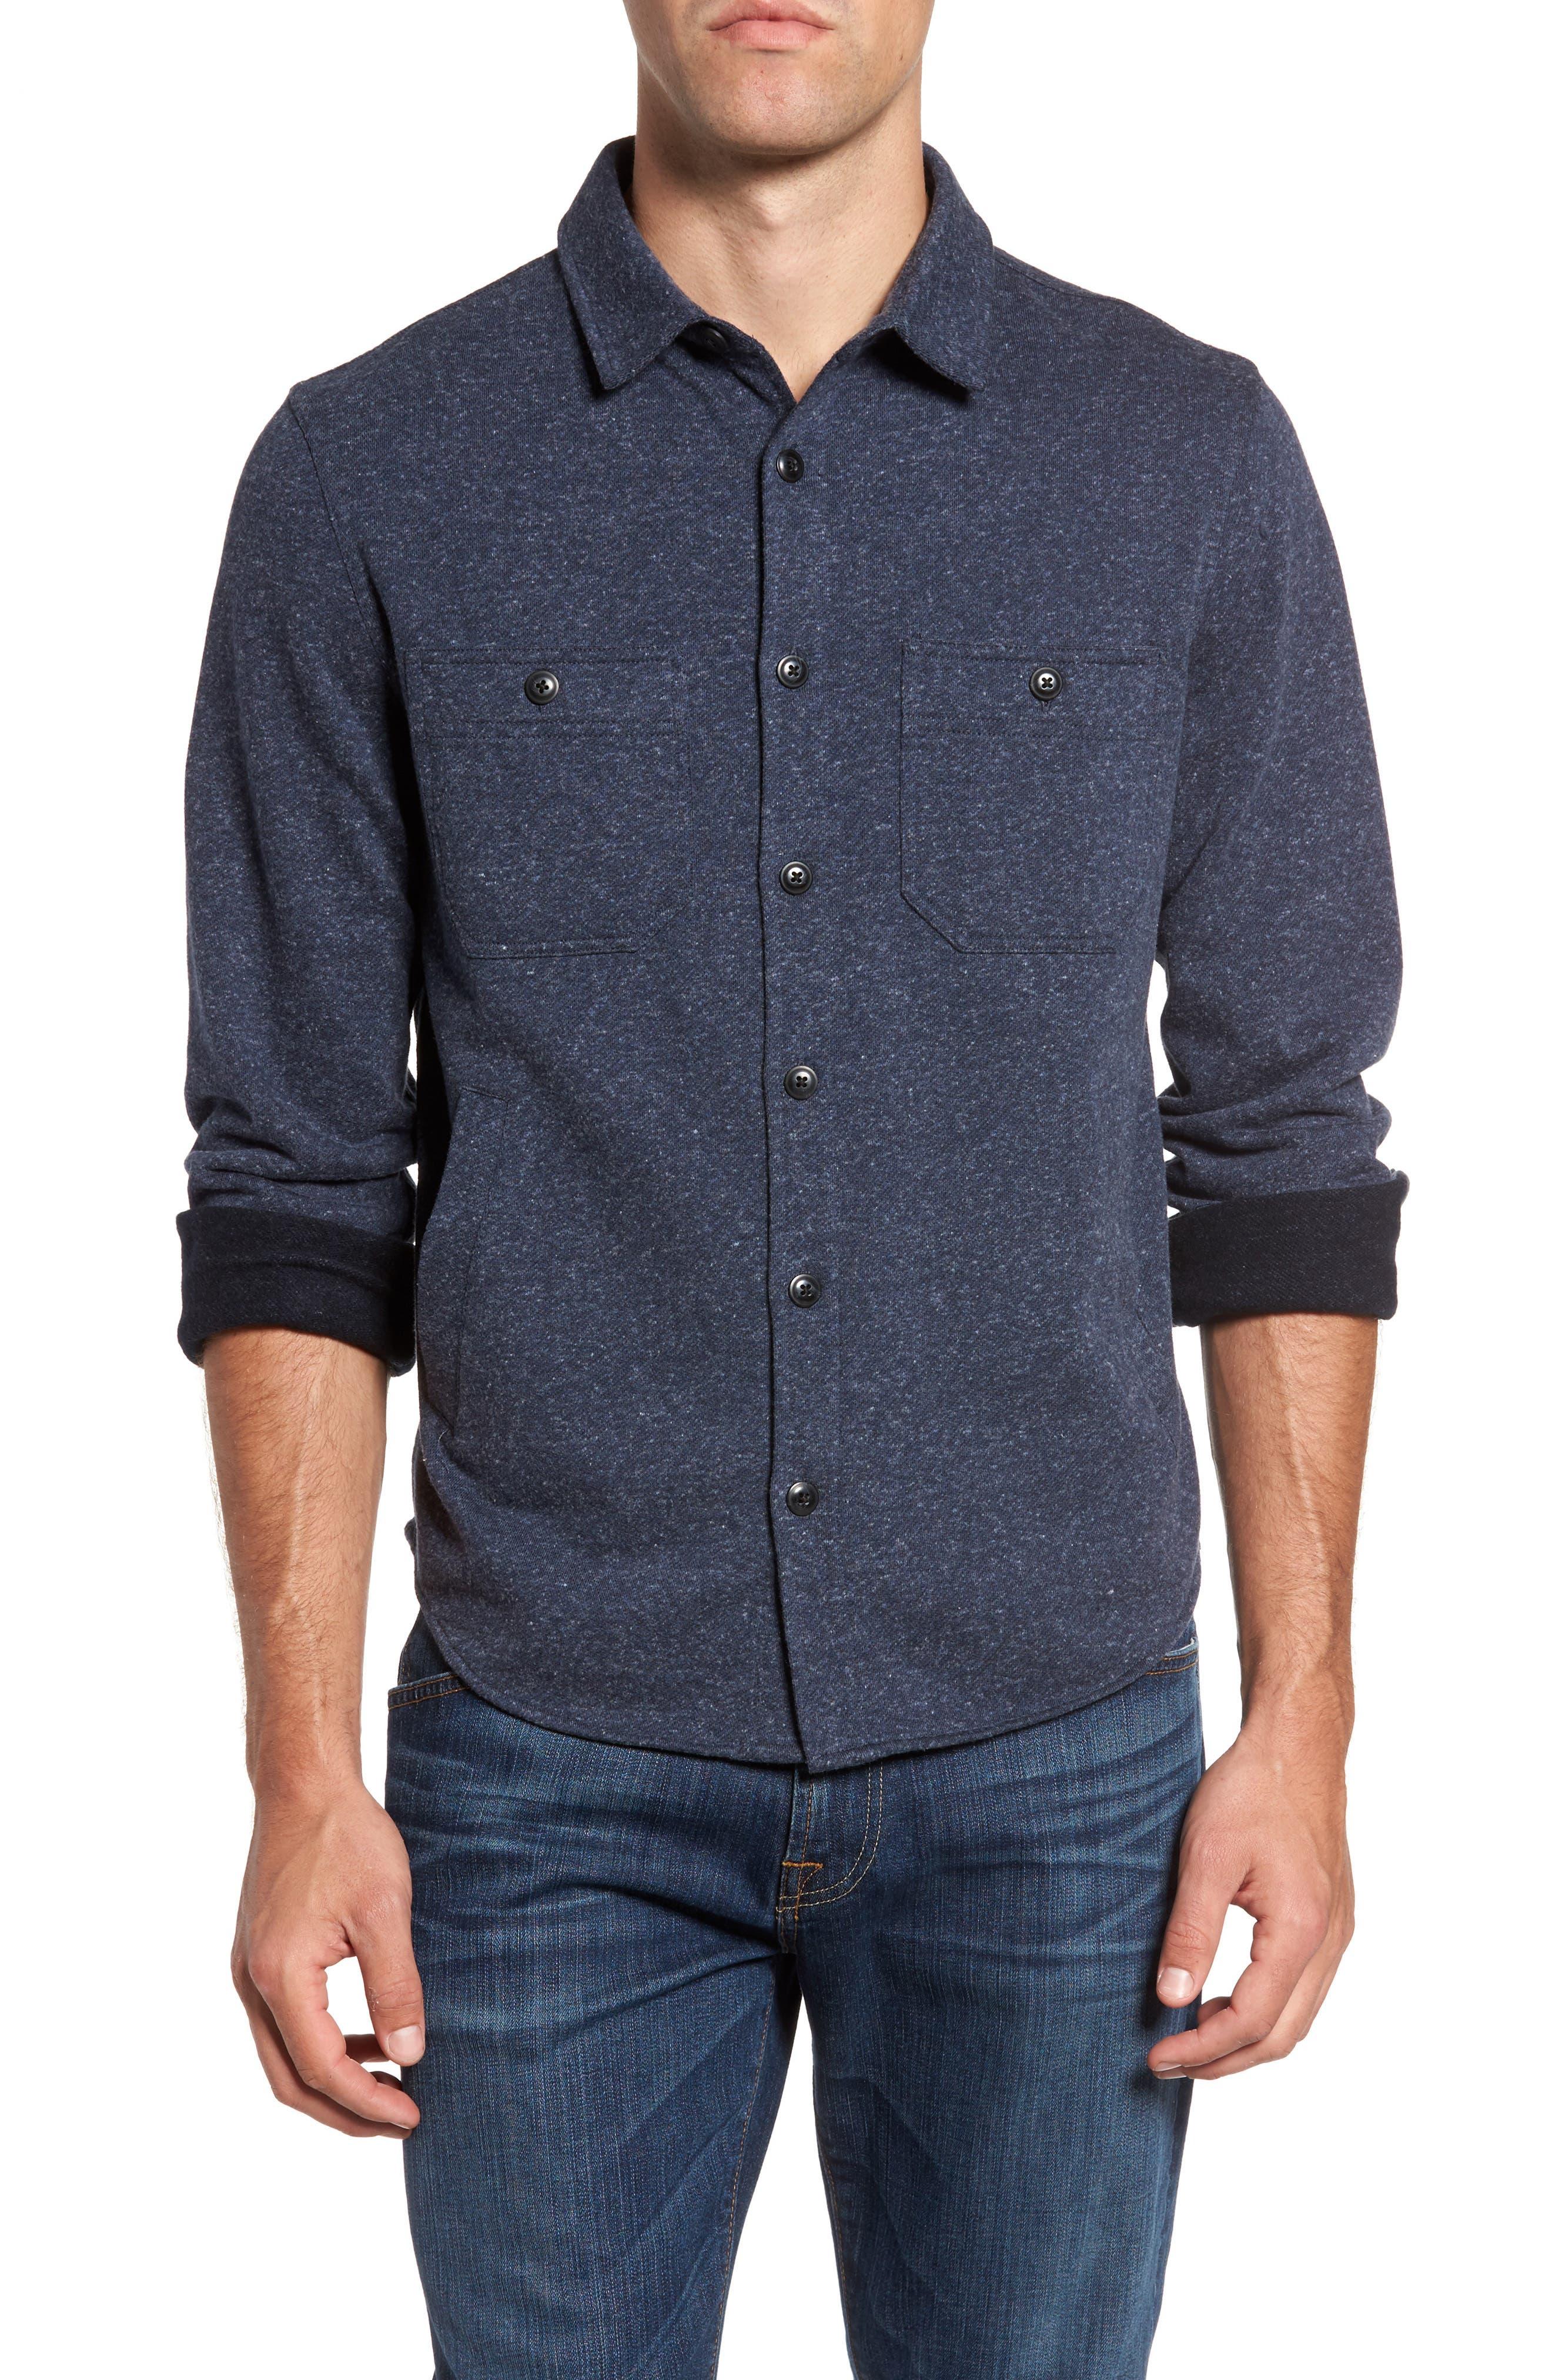 Bayswater Modern Fit Heathered Shirt Jacket,                             Main thumbnail 1, color,                             413